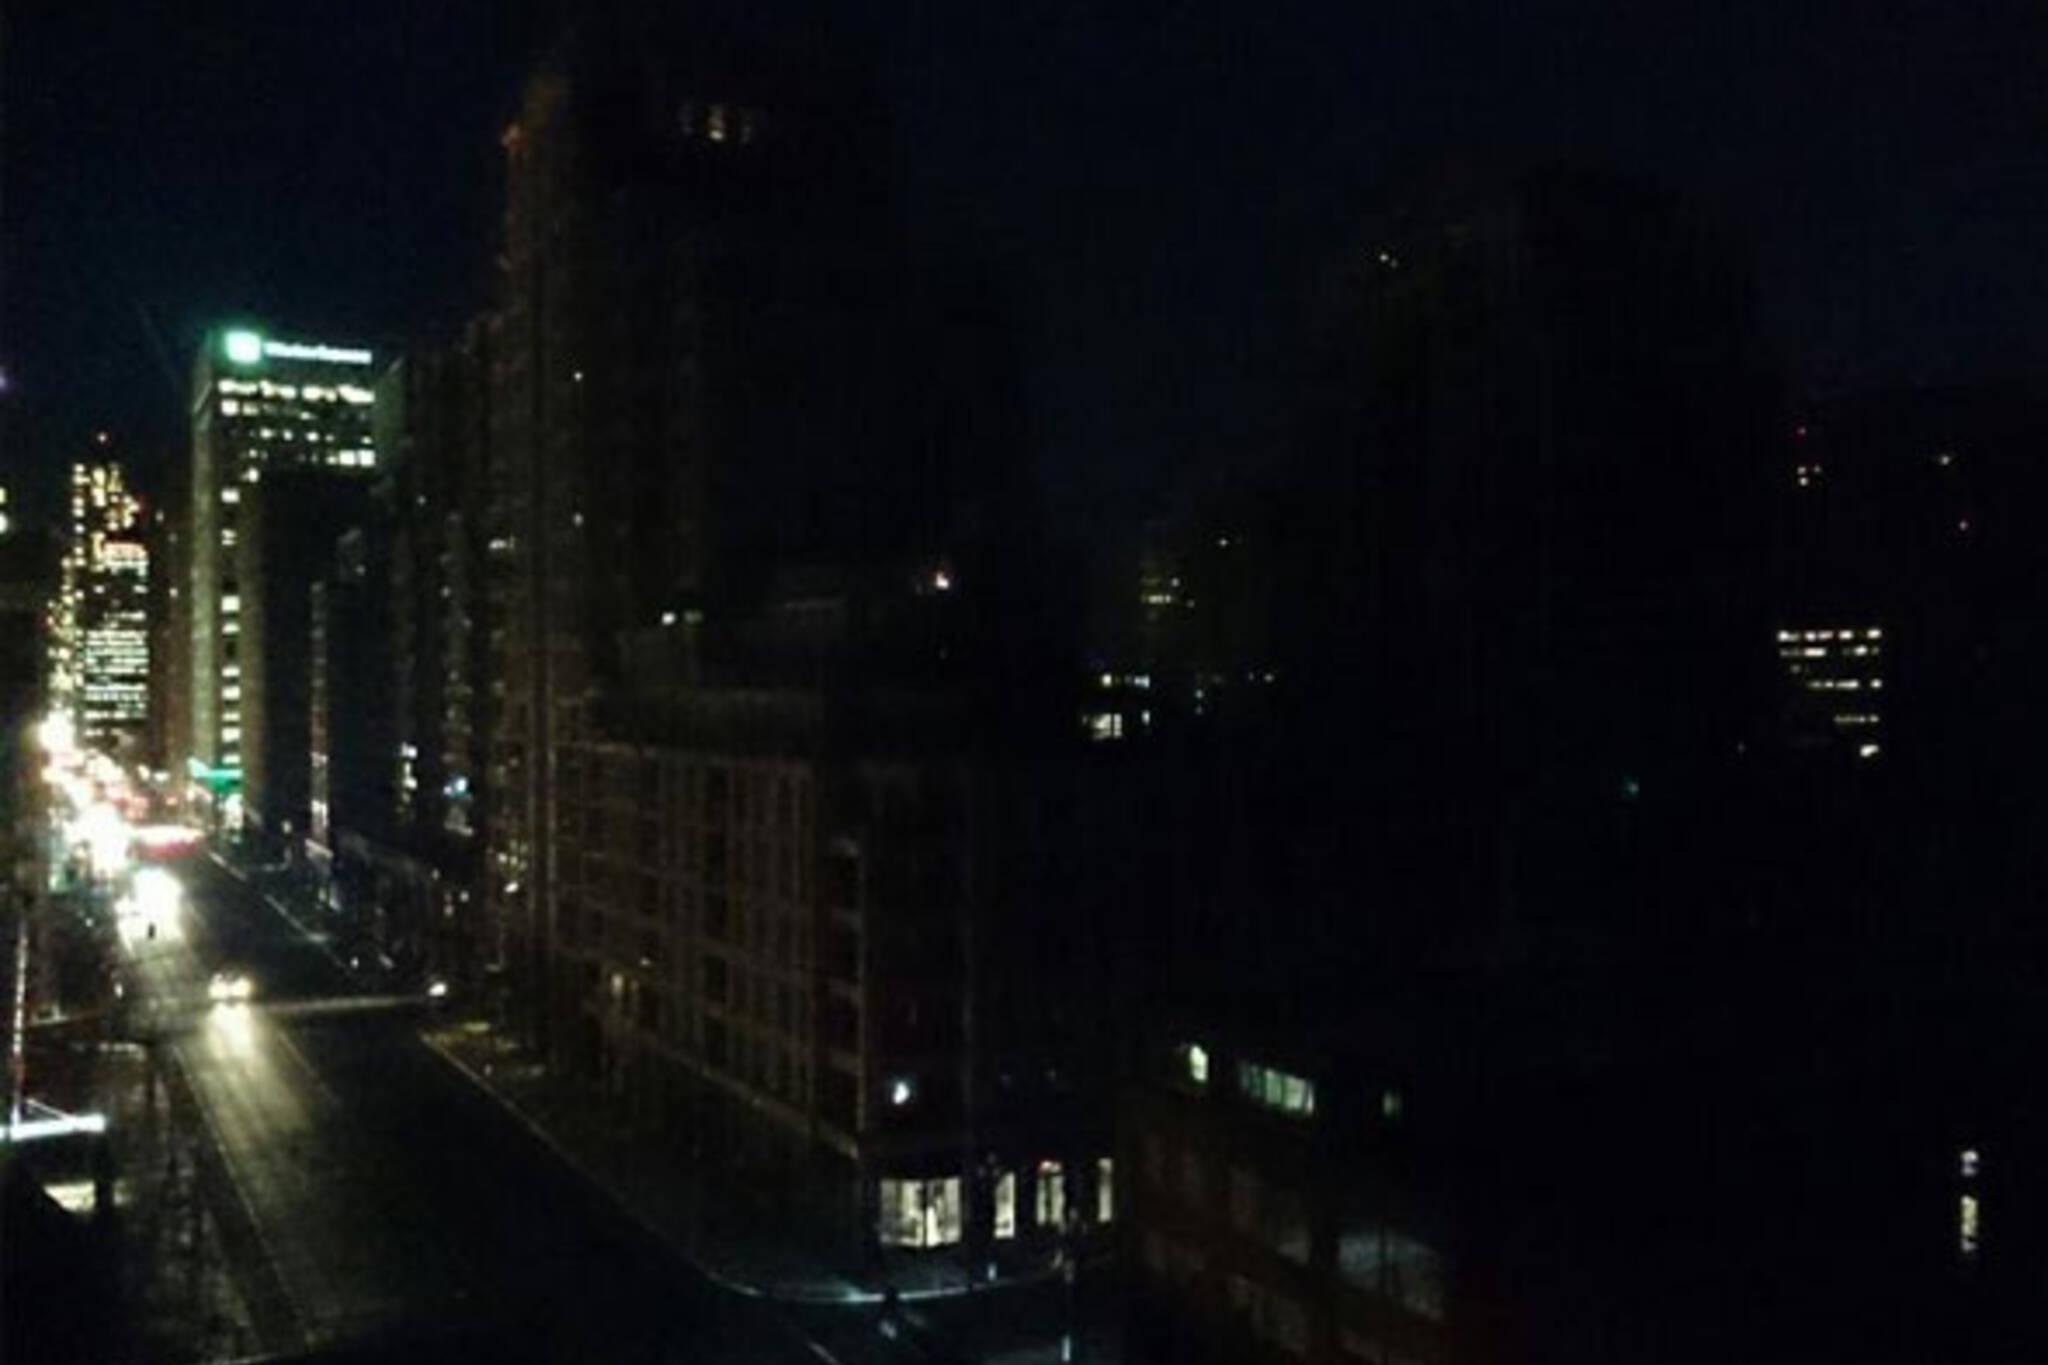 toronto blackout 2014